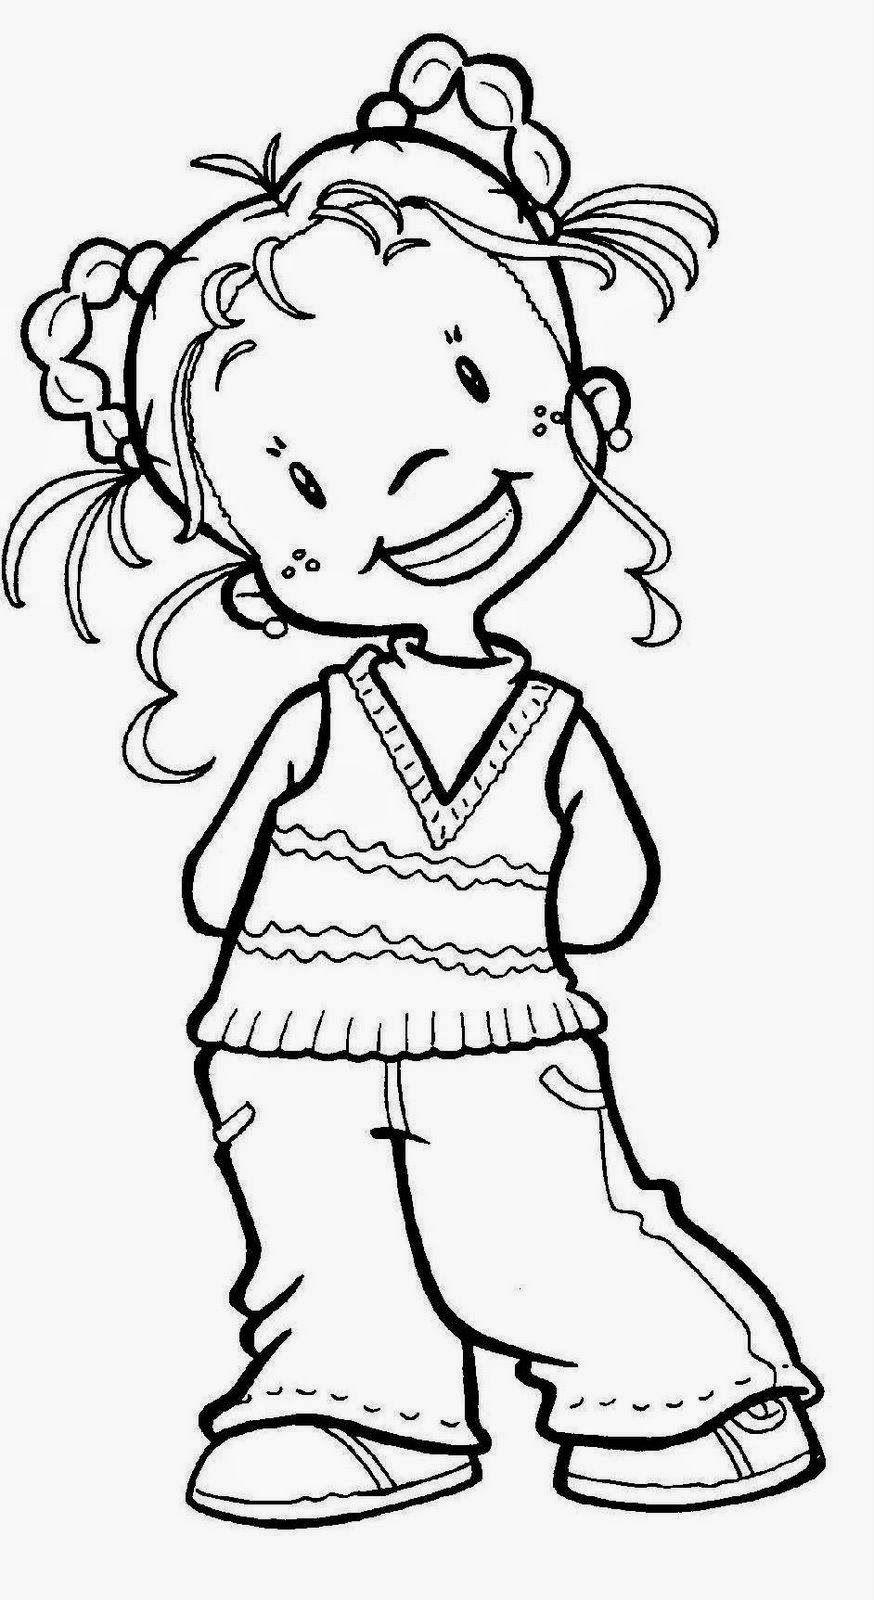 Dibujos Para Colorear Maestra De Infantil Y Primaria Dibujos De Ninos Y Ninas Para Colorear Dibujos Para Ninos Dibujos Colorear Ninos Sello Digital